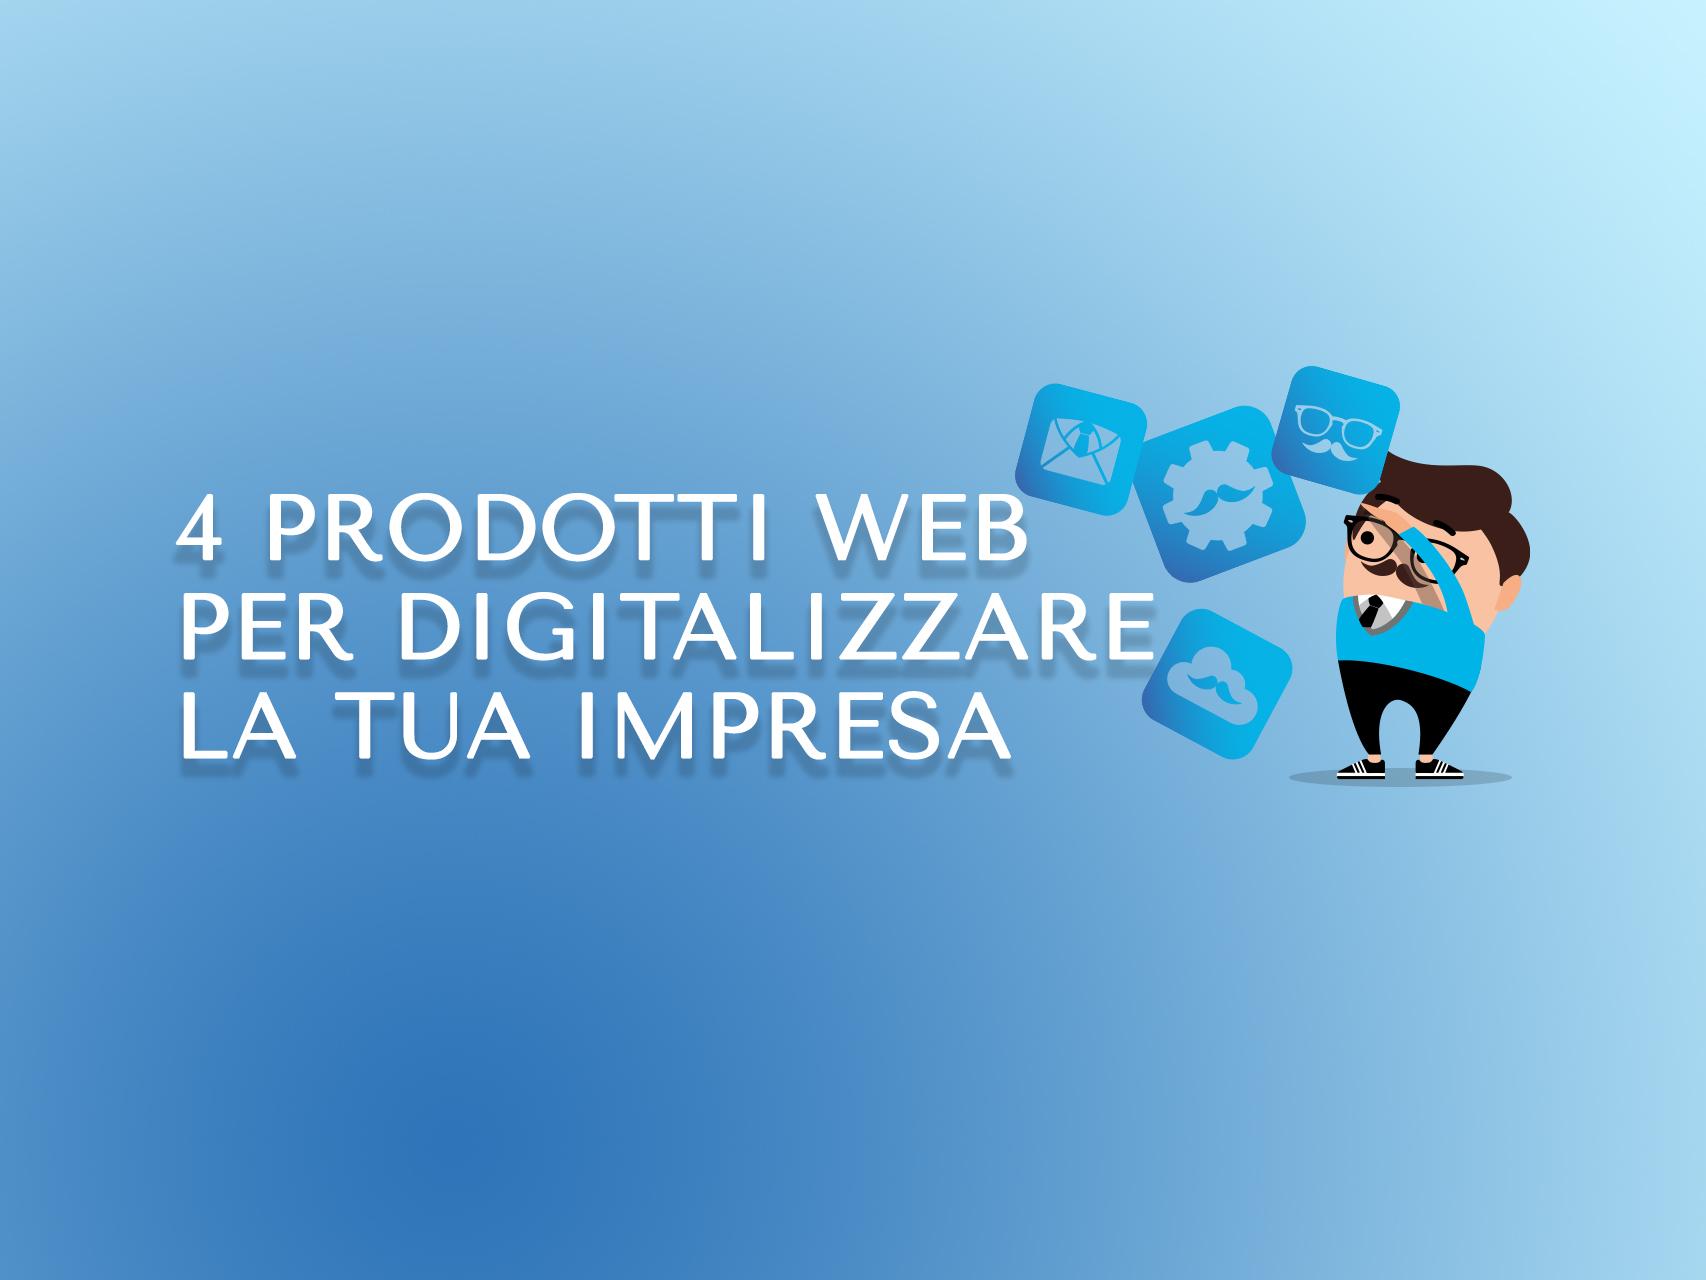 4 prodotti web per digitalizzare la tua impresa